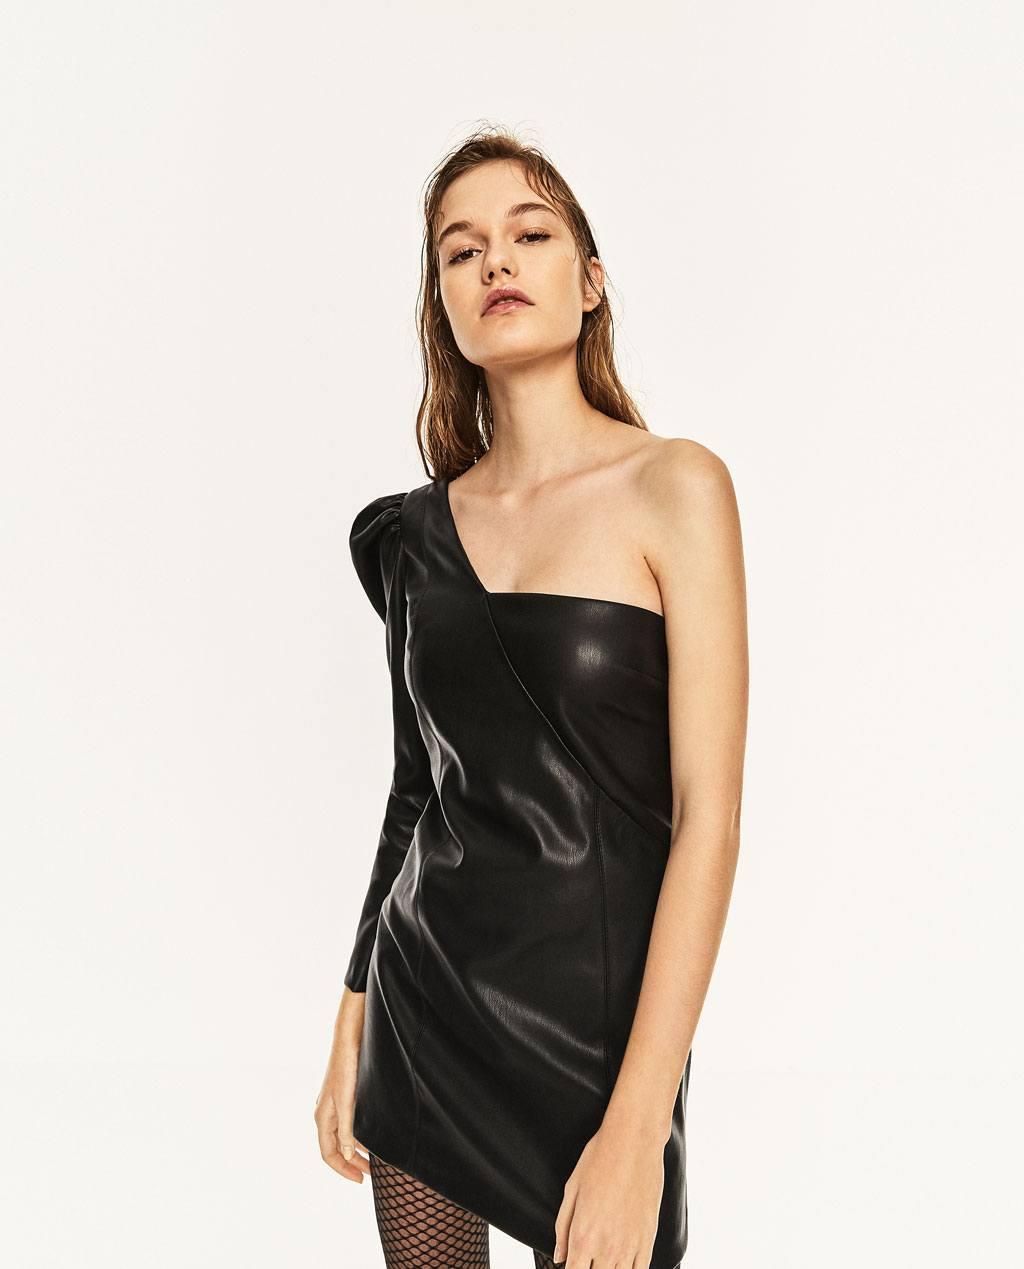 Abito in ecopelle monospalla Zara prezzo 39 95 euro